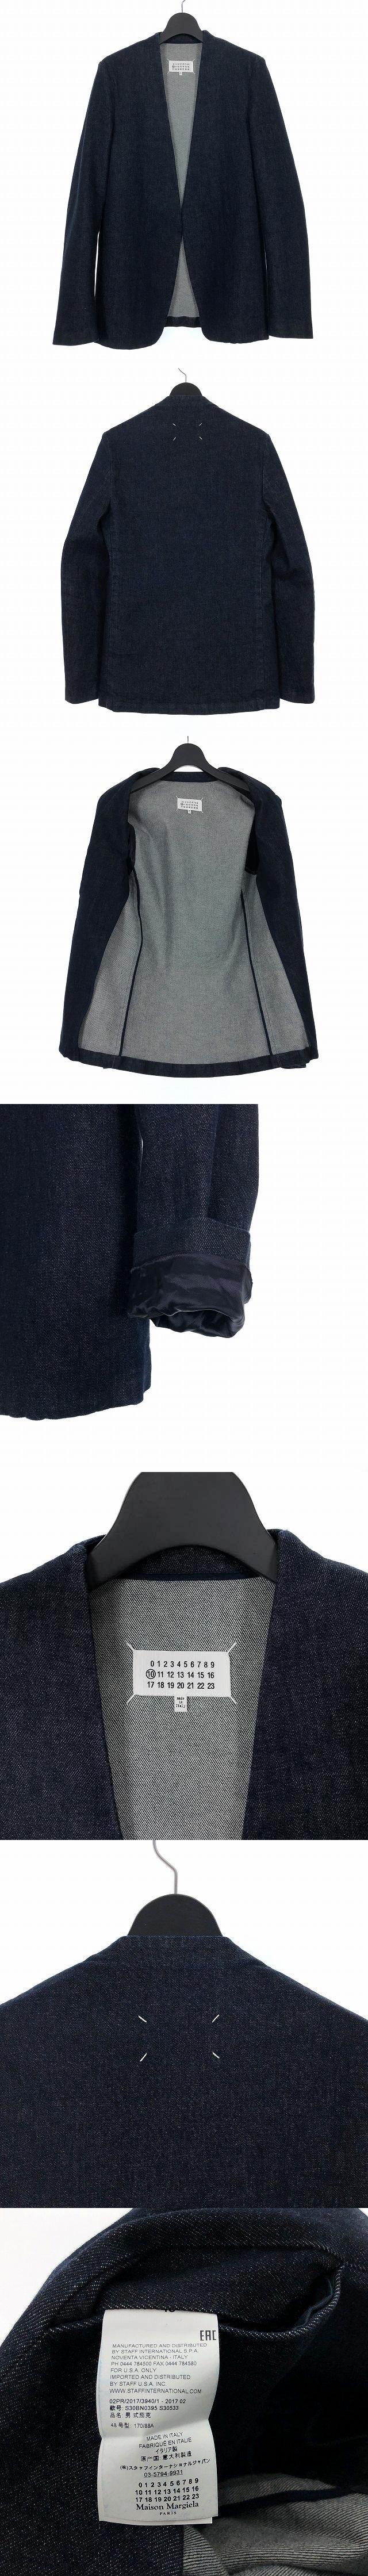 17AW ノーカラー デニム テーラードジャケット 48 紺 インディゴ